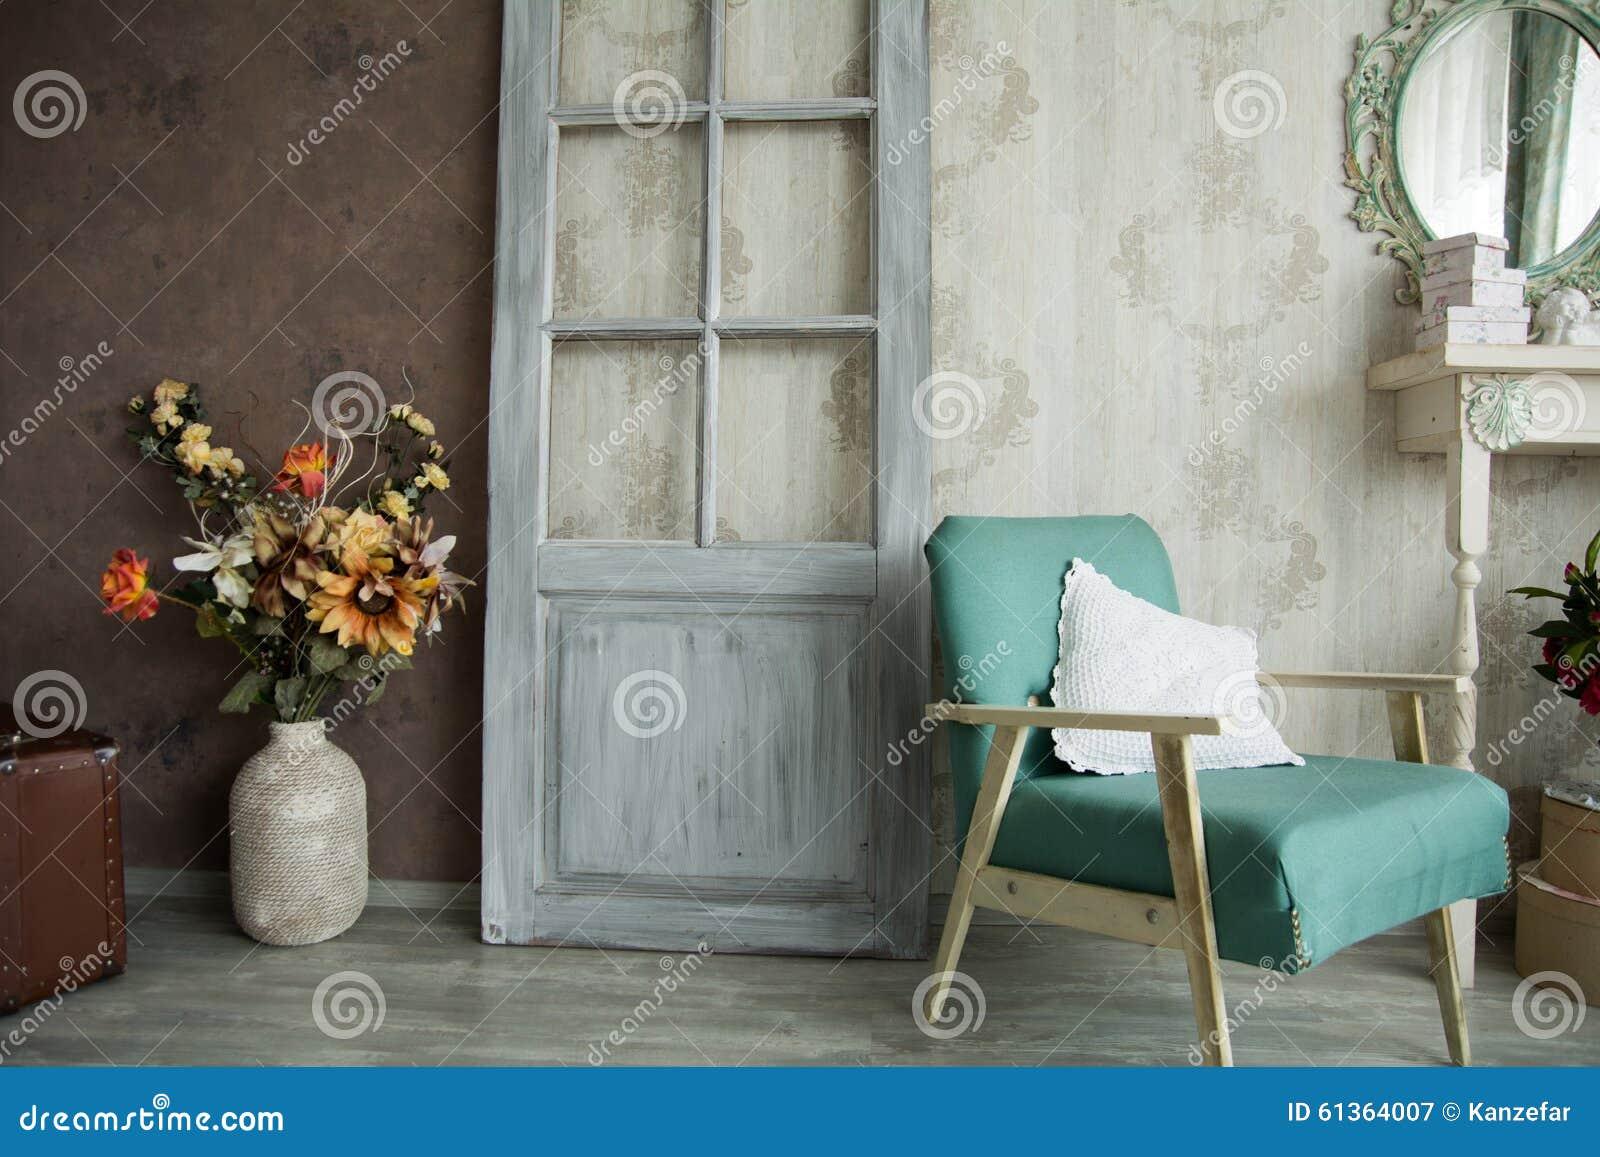 R tro pi ce int rieure avec un fauteuil les fleurs la for Miroir qui s accroche a la porte